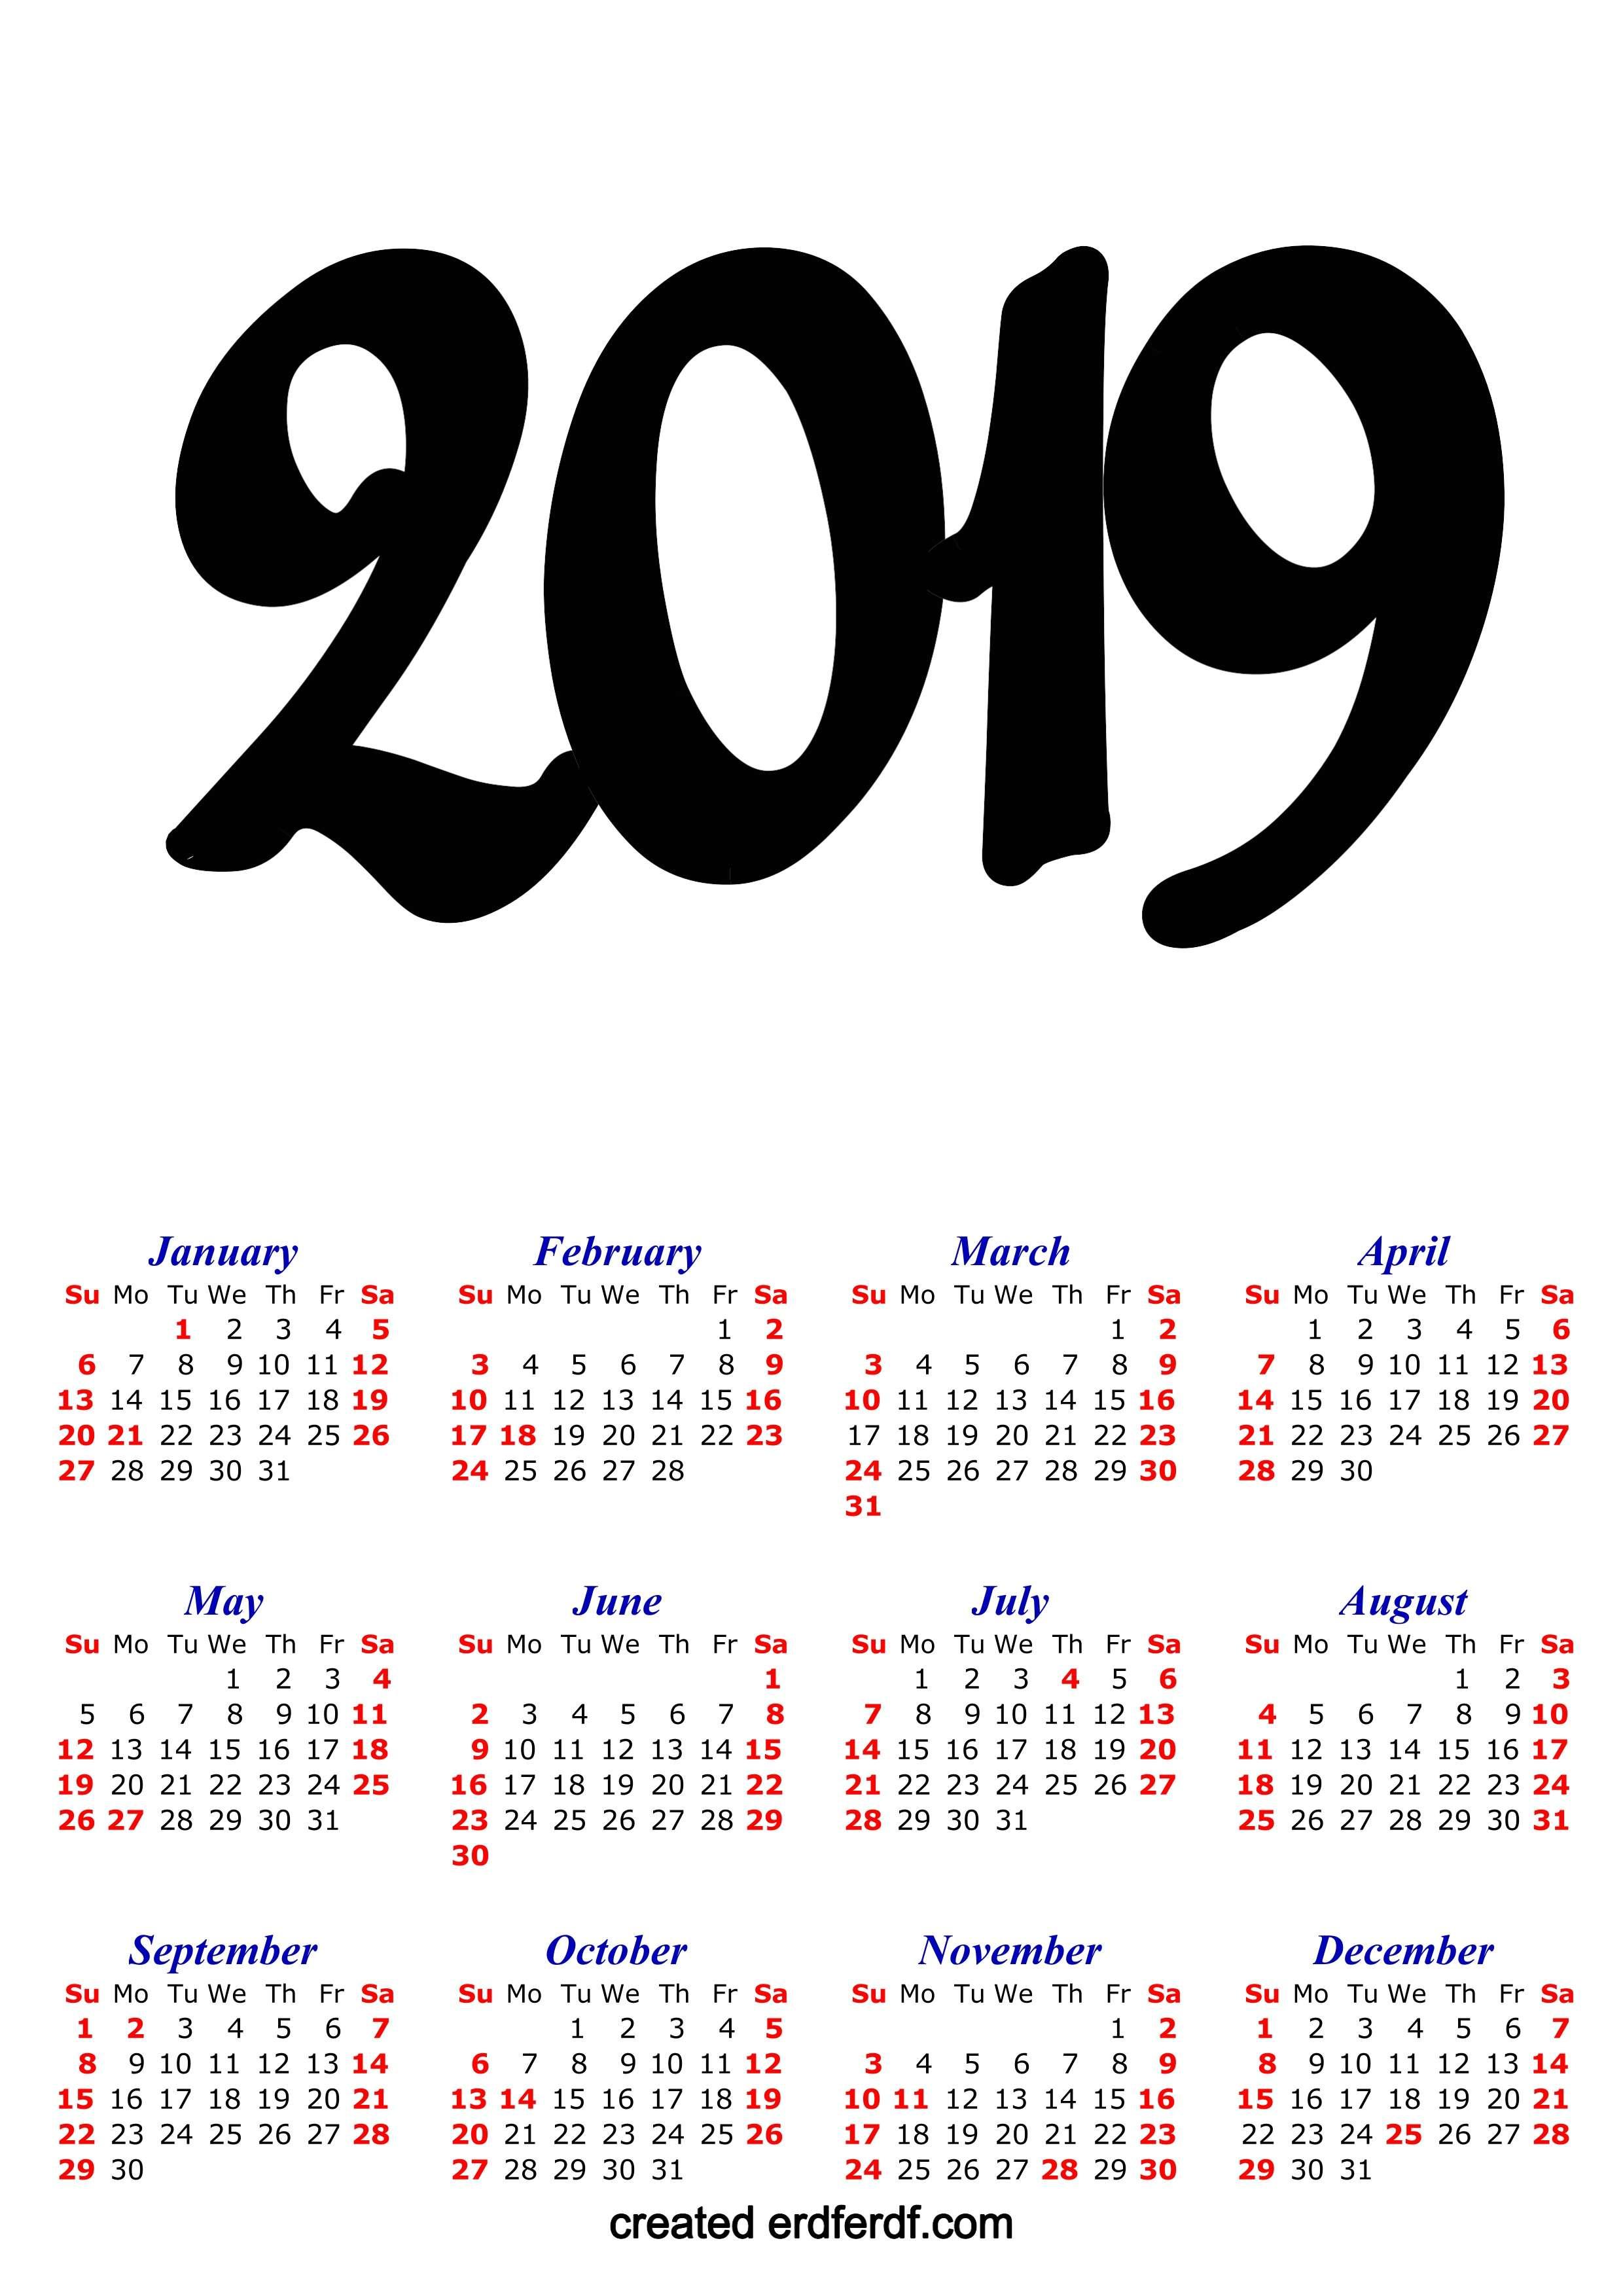 A3 Calendar 2019 Printable One Page Clasic erdferdf com